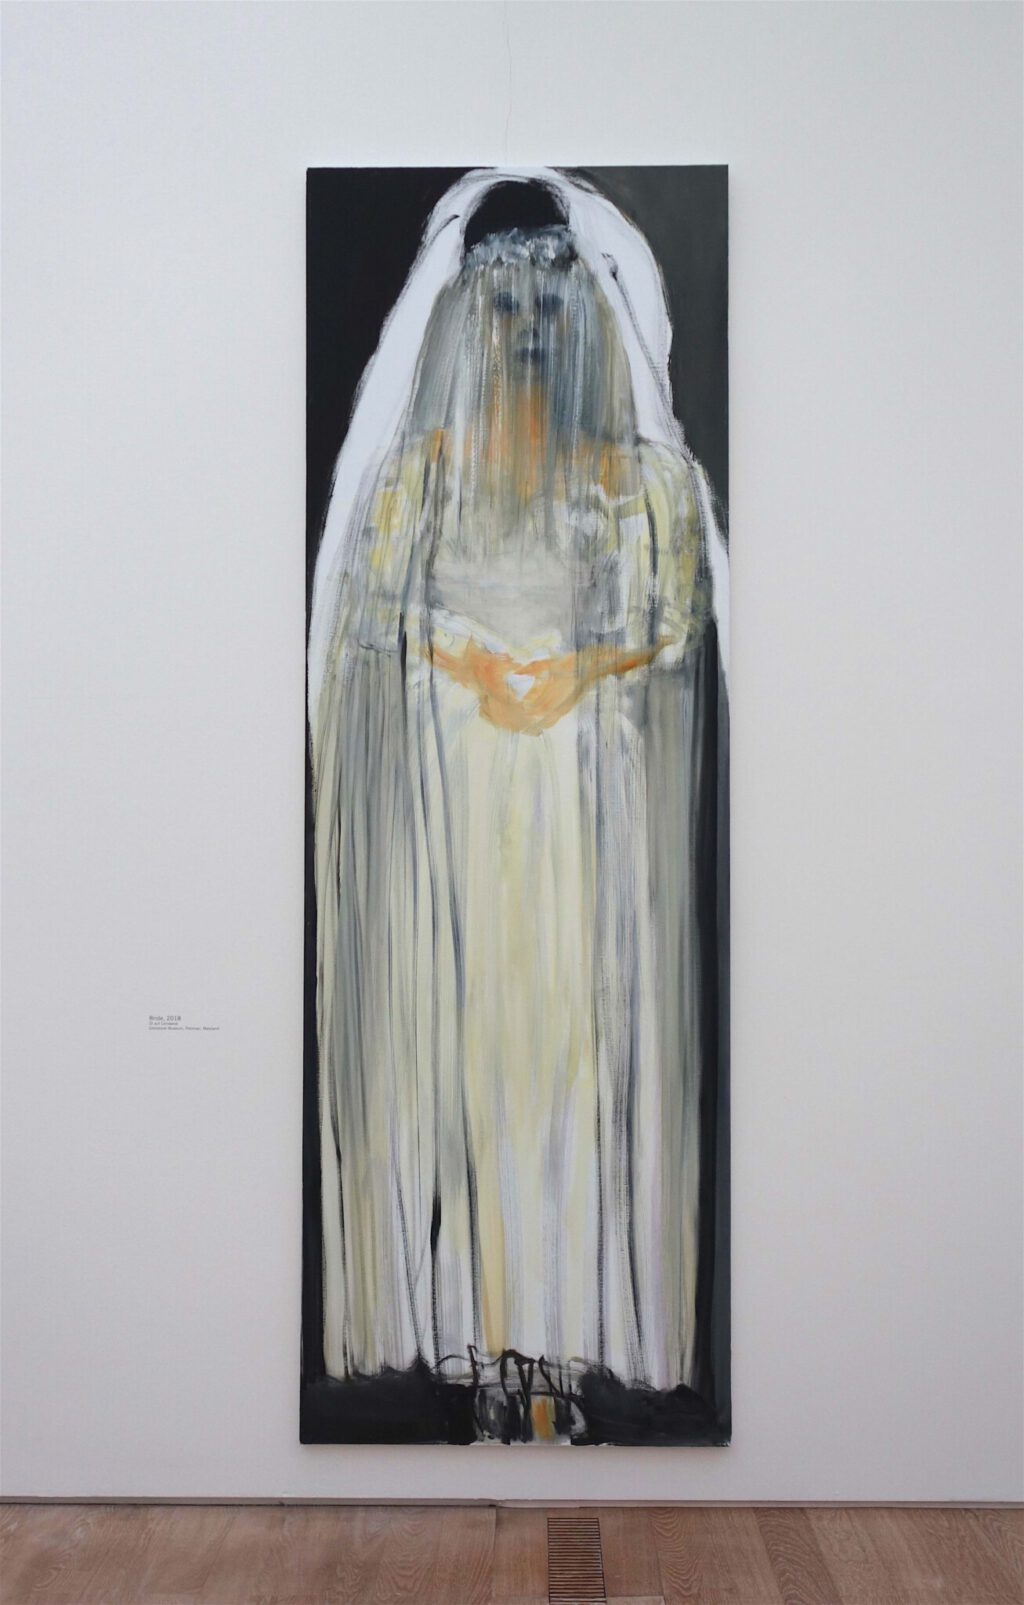 マレーネ・デュマ「花嫁」油絵、300 x 100 センチ、2018年